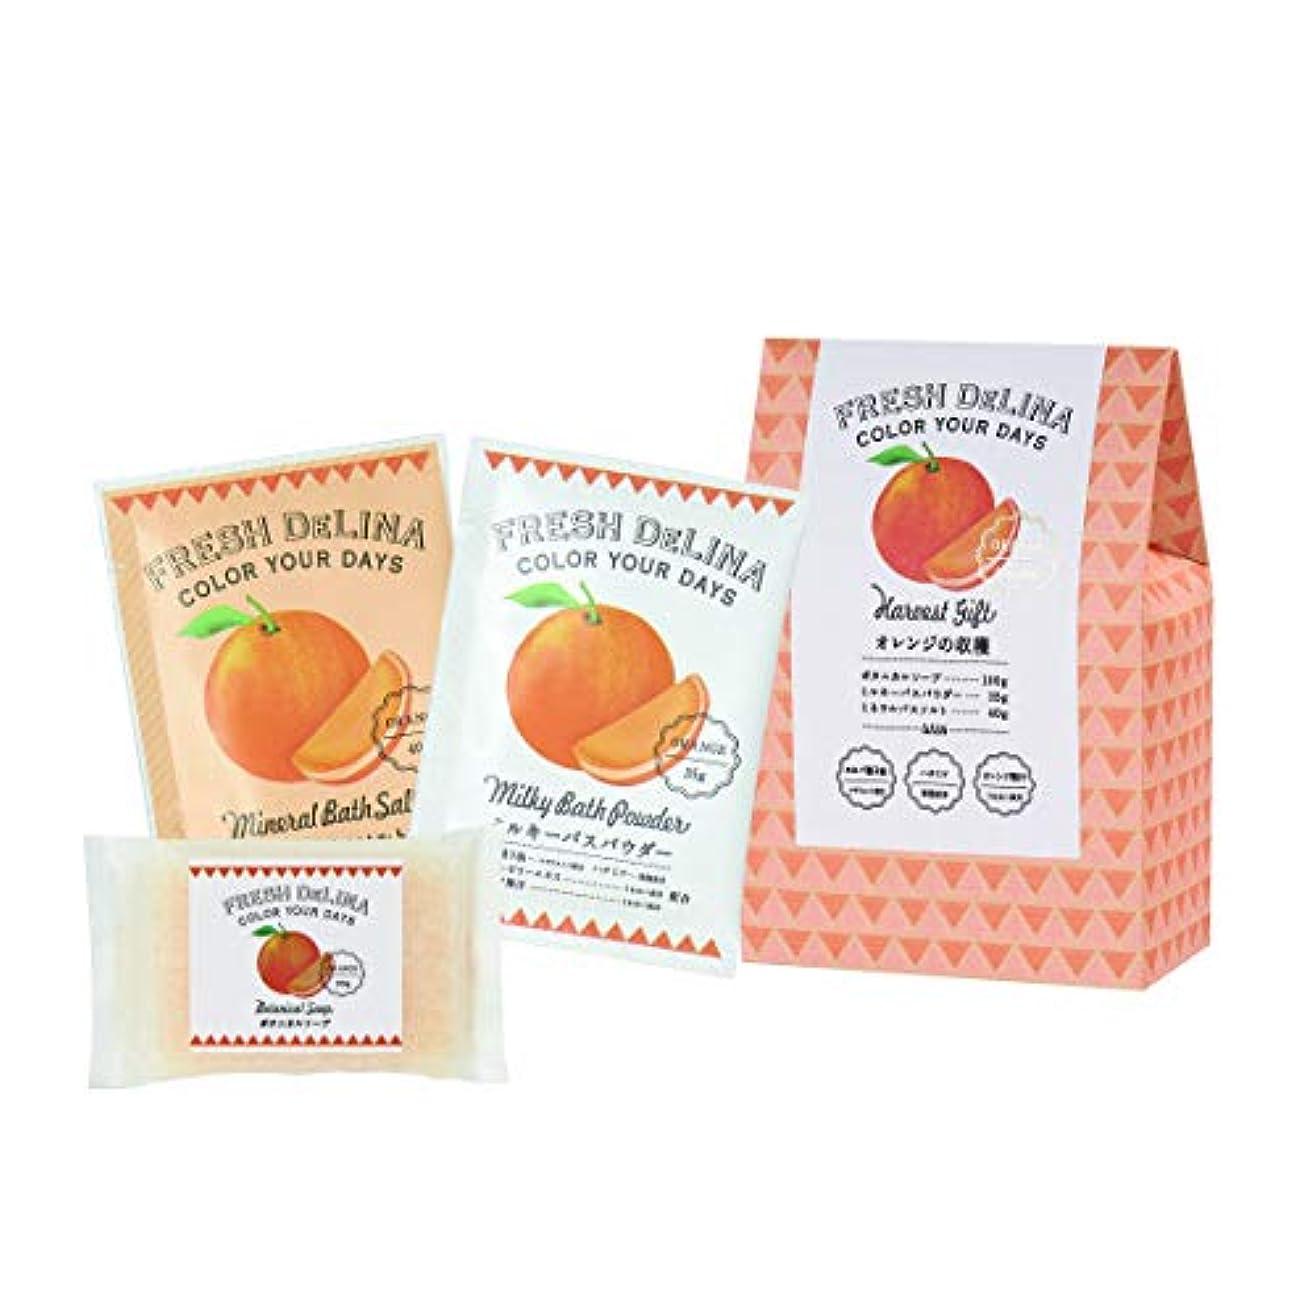 立ち向かう関税先にフレッシュデリーナ ハーベストギフト オレンジ (ミルキバスパウダー35g、ミネラルバスソルト40g、ボタニカルソープ100g 「各1個」)